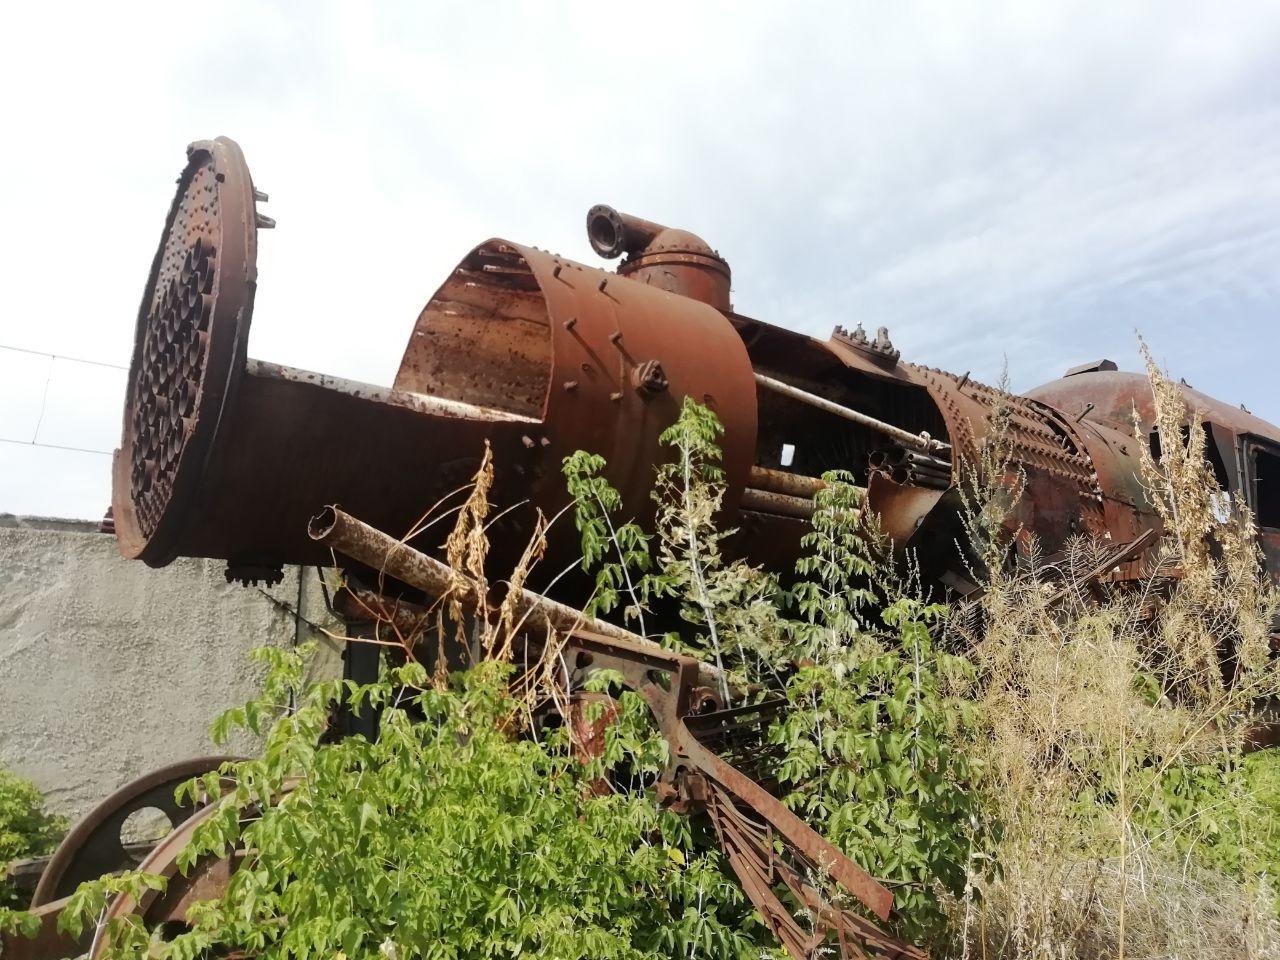 Курск, паровоз уже распилен на металл